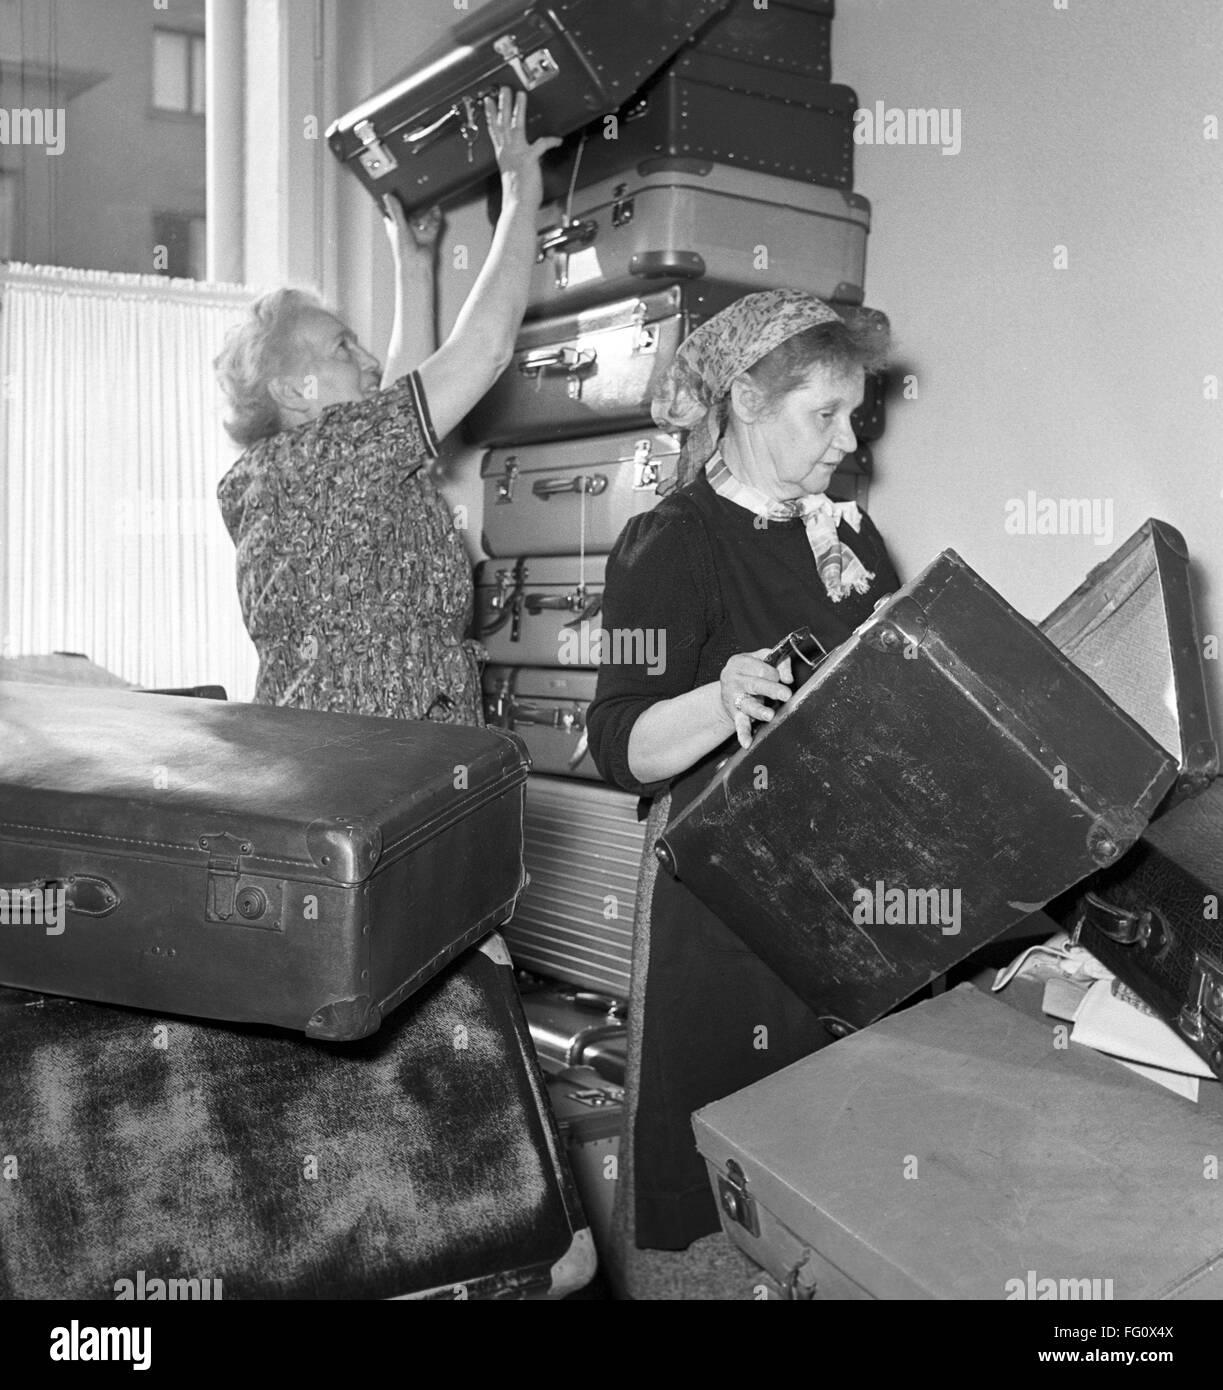 Deutsches Rotes Kreuz Arbeiter in Frankfurt im November 1956 mit gespendeten Koffer für ungarische Flüchtlinge. Stockbild